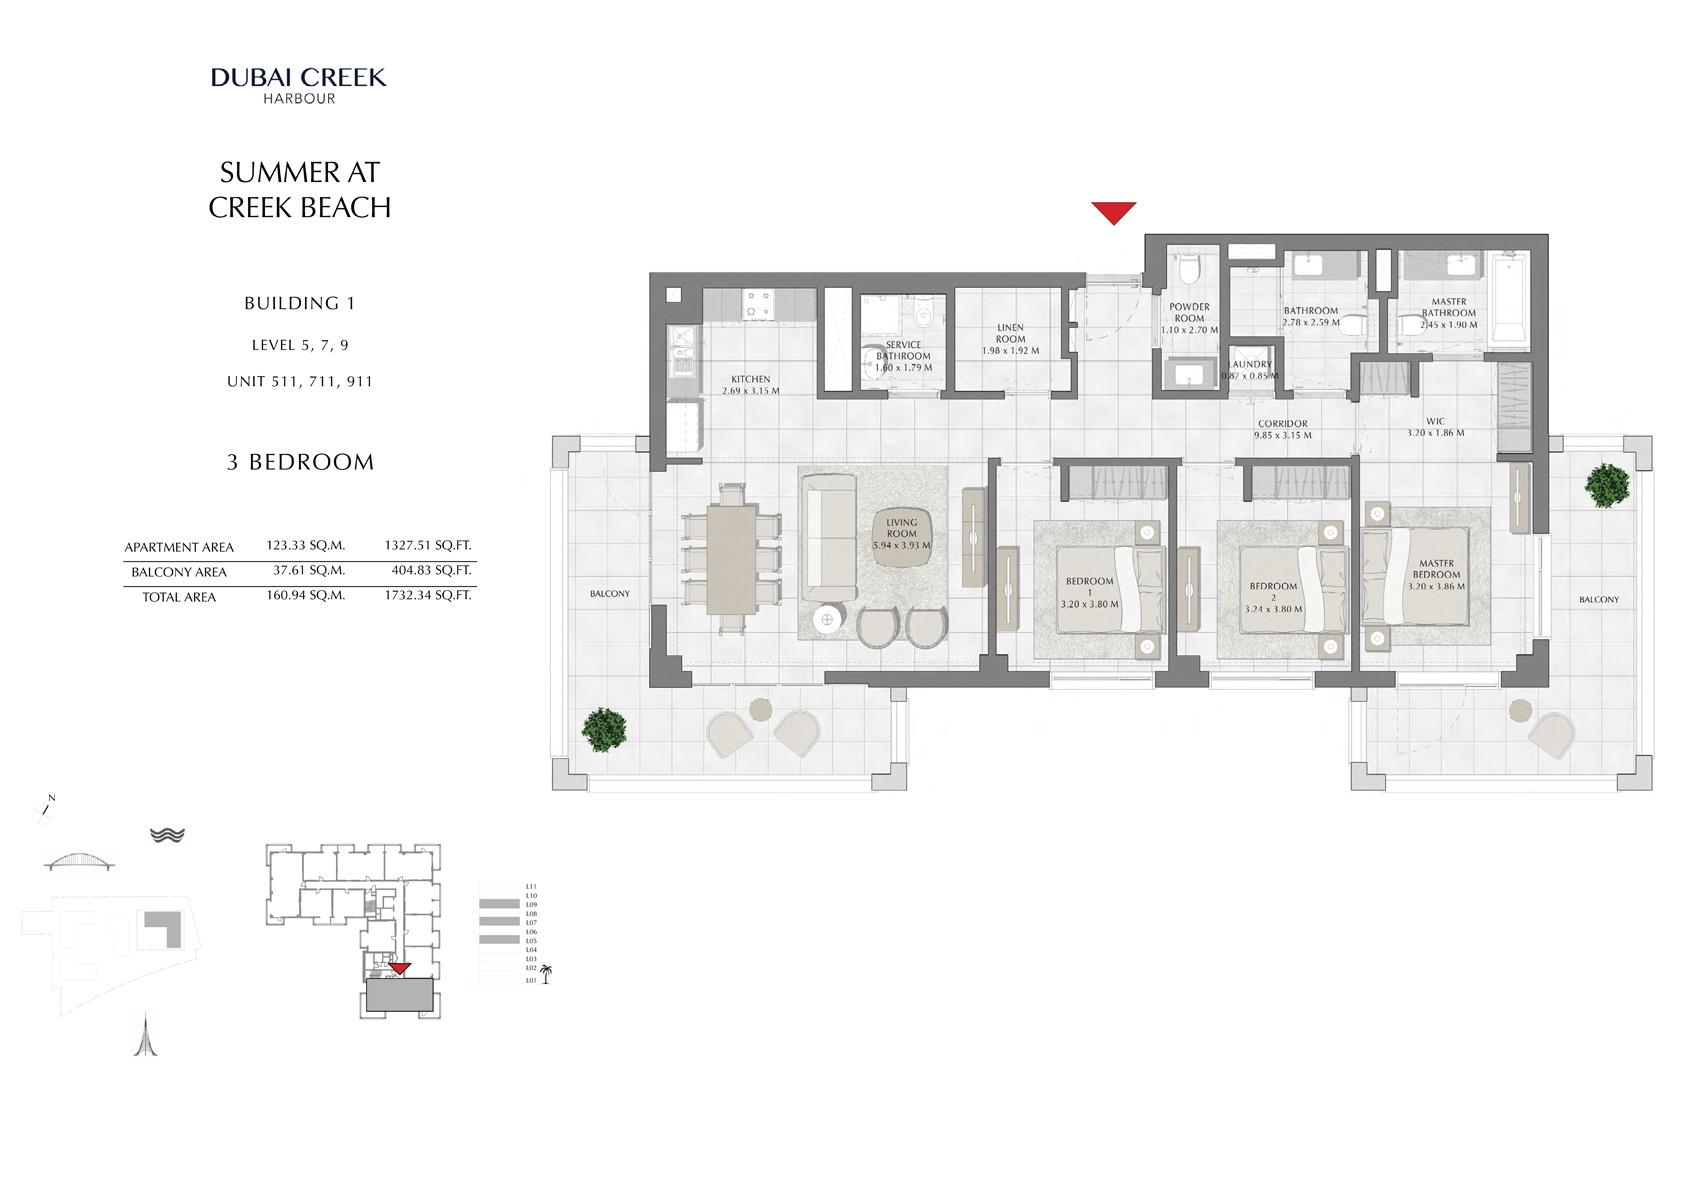 3 Br Building 1 Level-5-7-9 Unit 511-711-911, Size 1732 Sq Ft